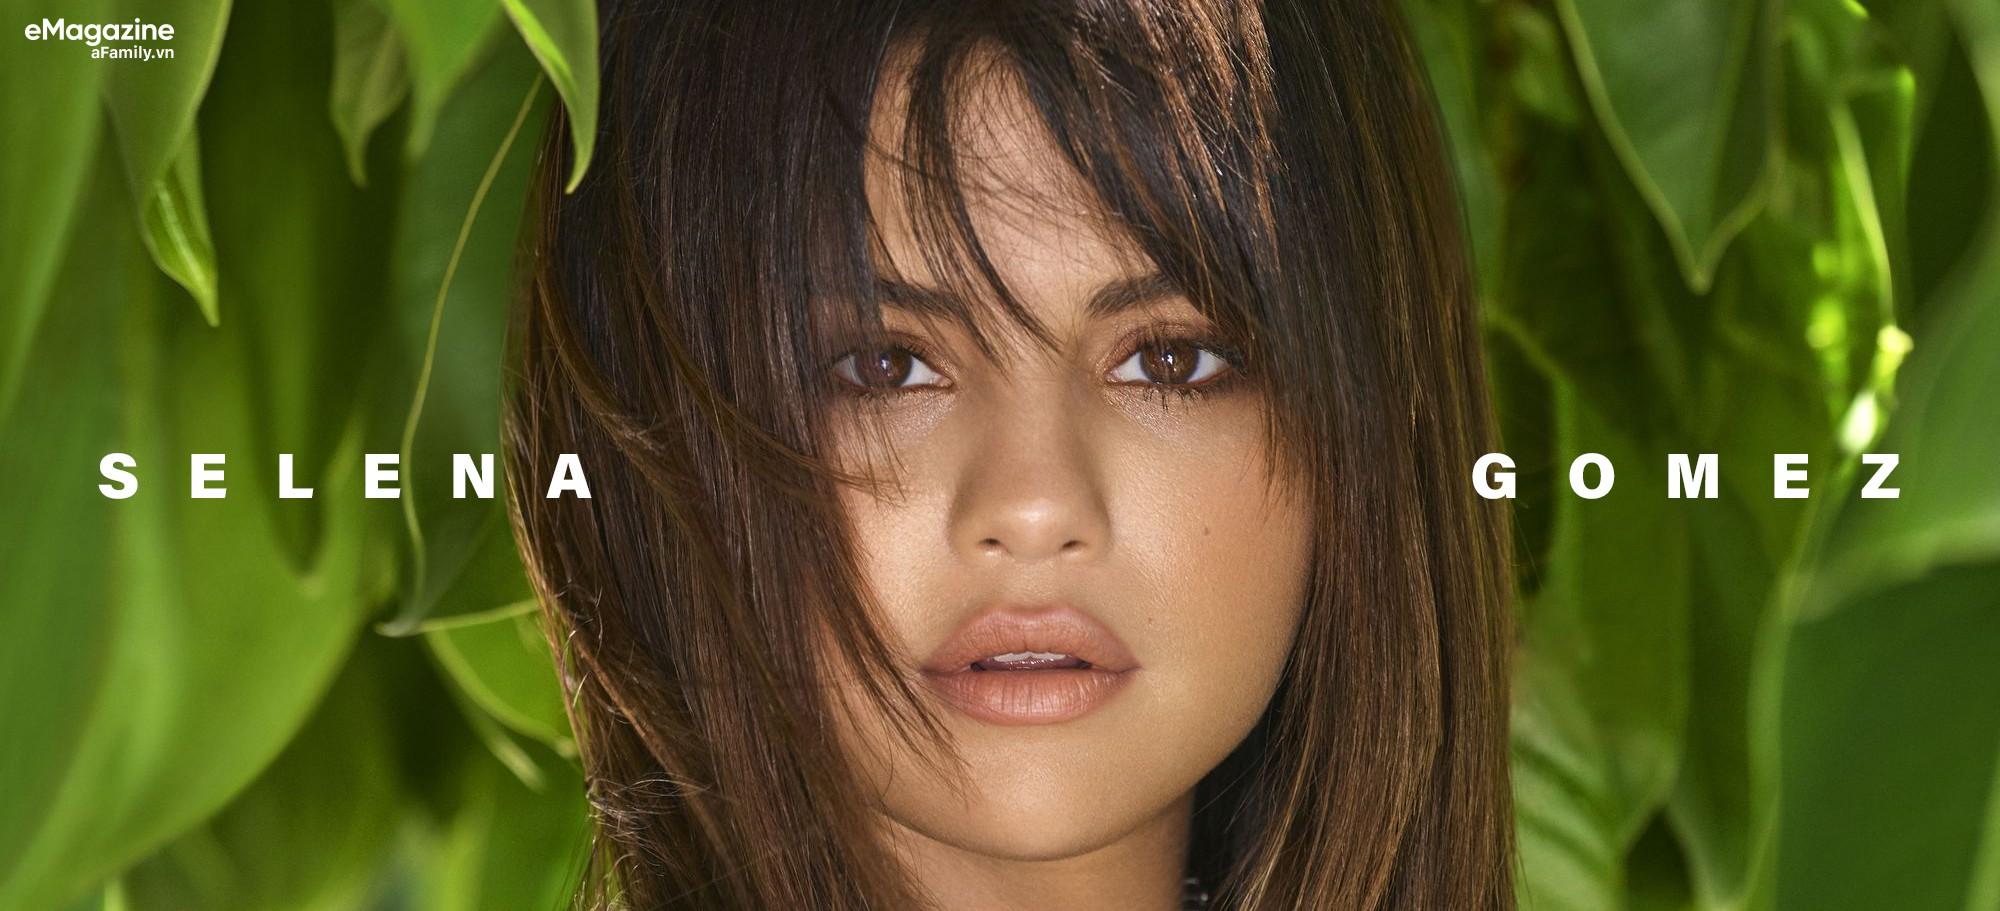 Selena Gomez ở tuổi 26: Phía sau hào quang là chứng trầm cảm và nỗi ám ảnh thanh xuân mang tên Justin Bieber - Ảnh 3.